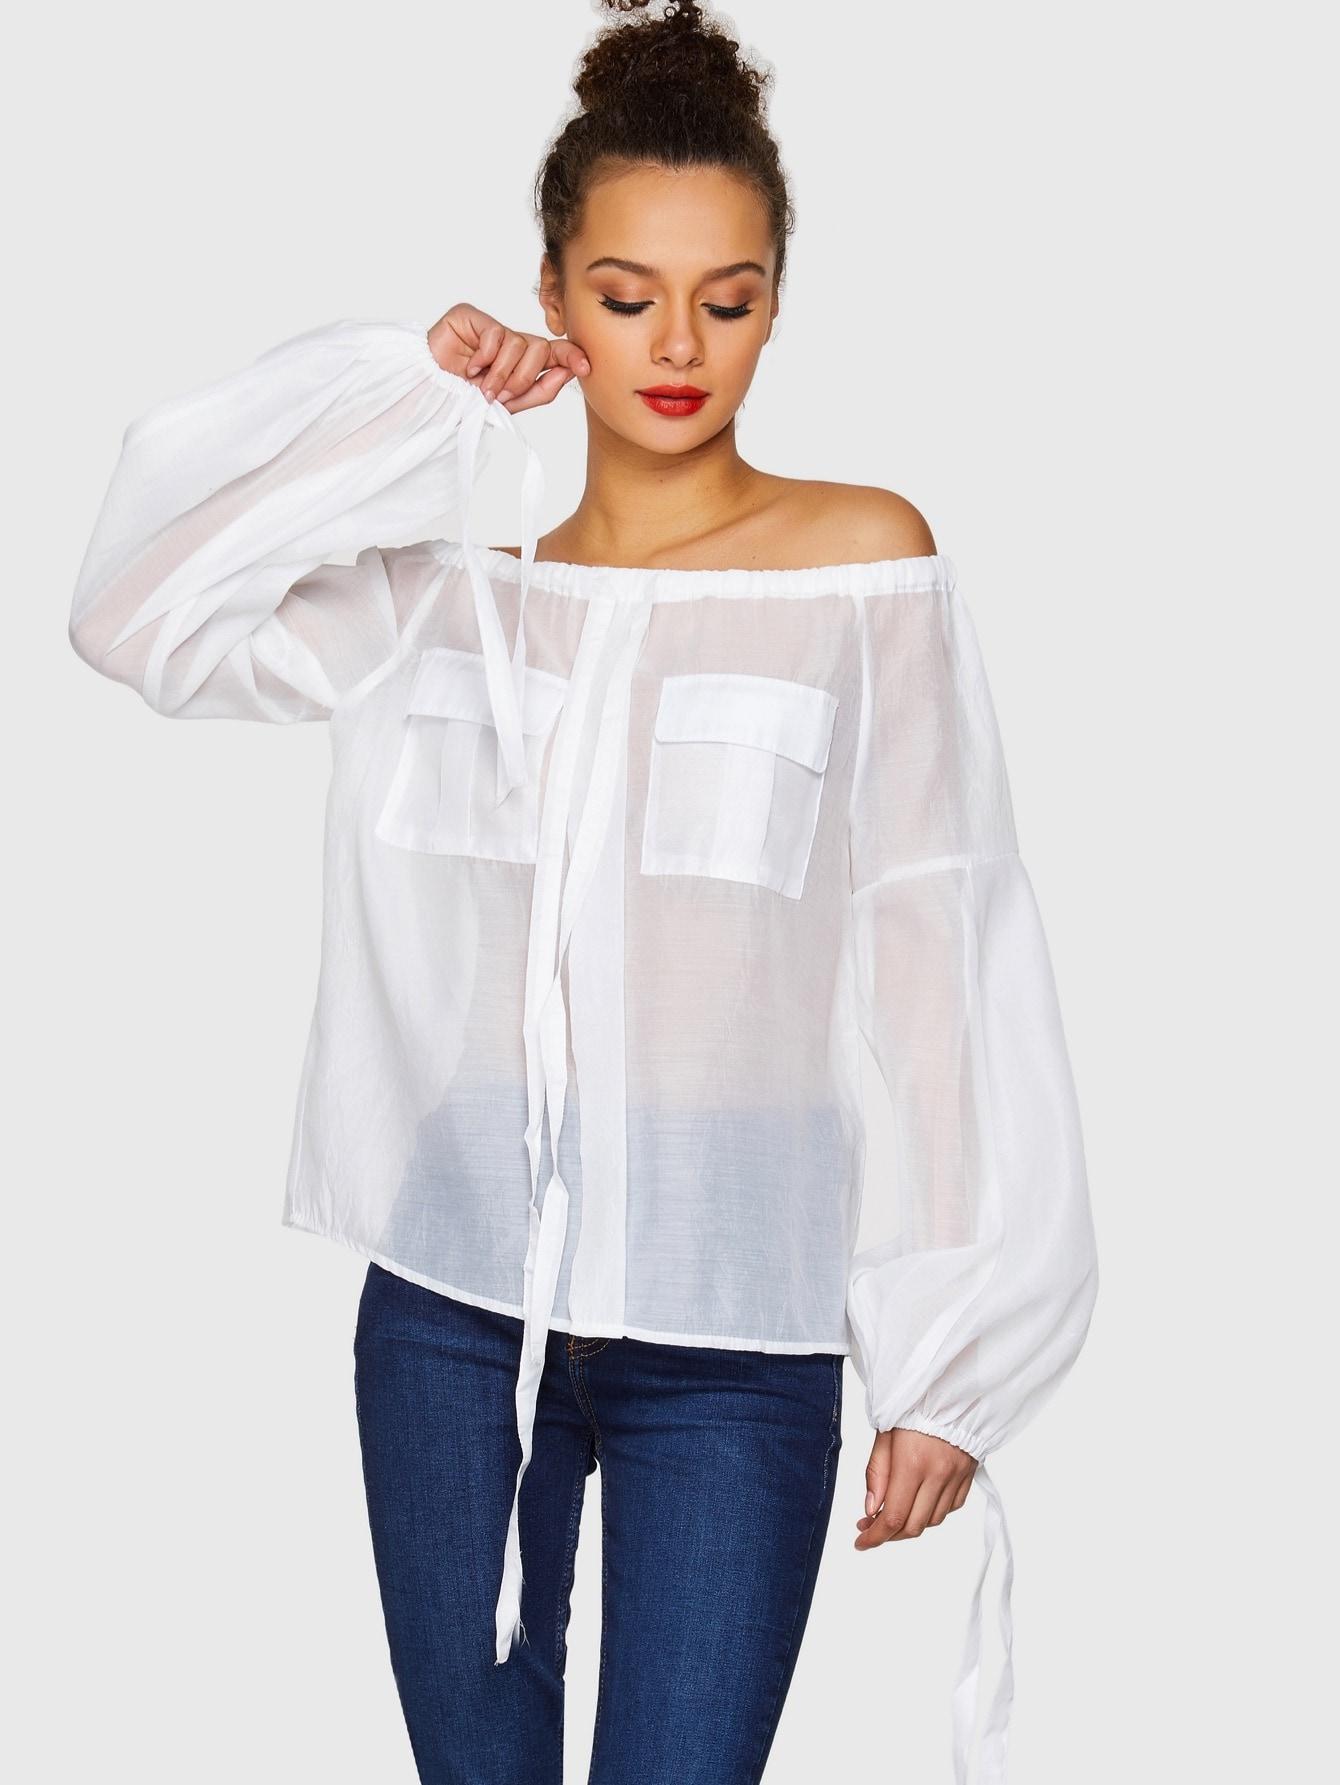 Прозрачная блузка с карманом и кулиской